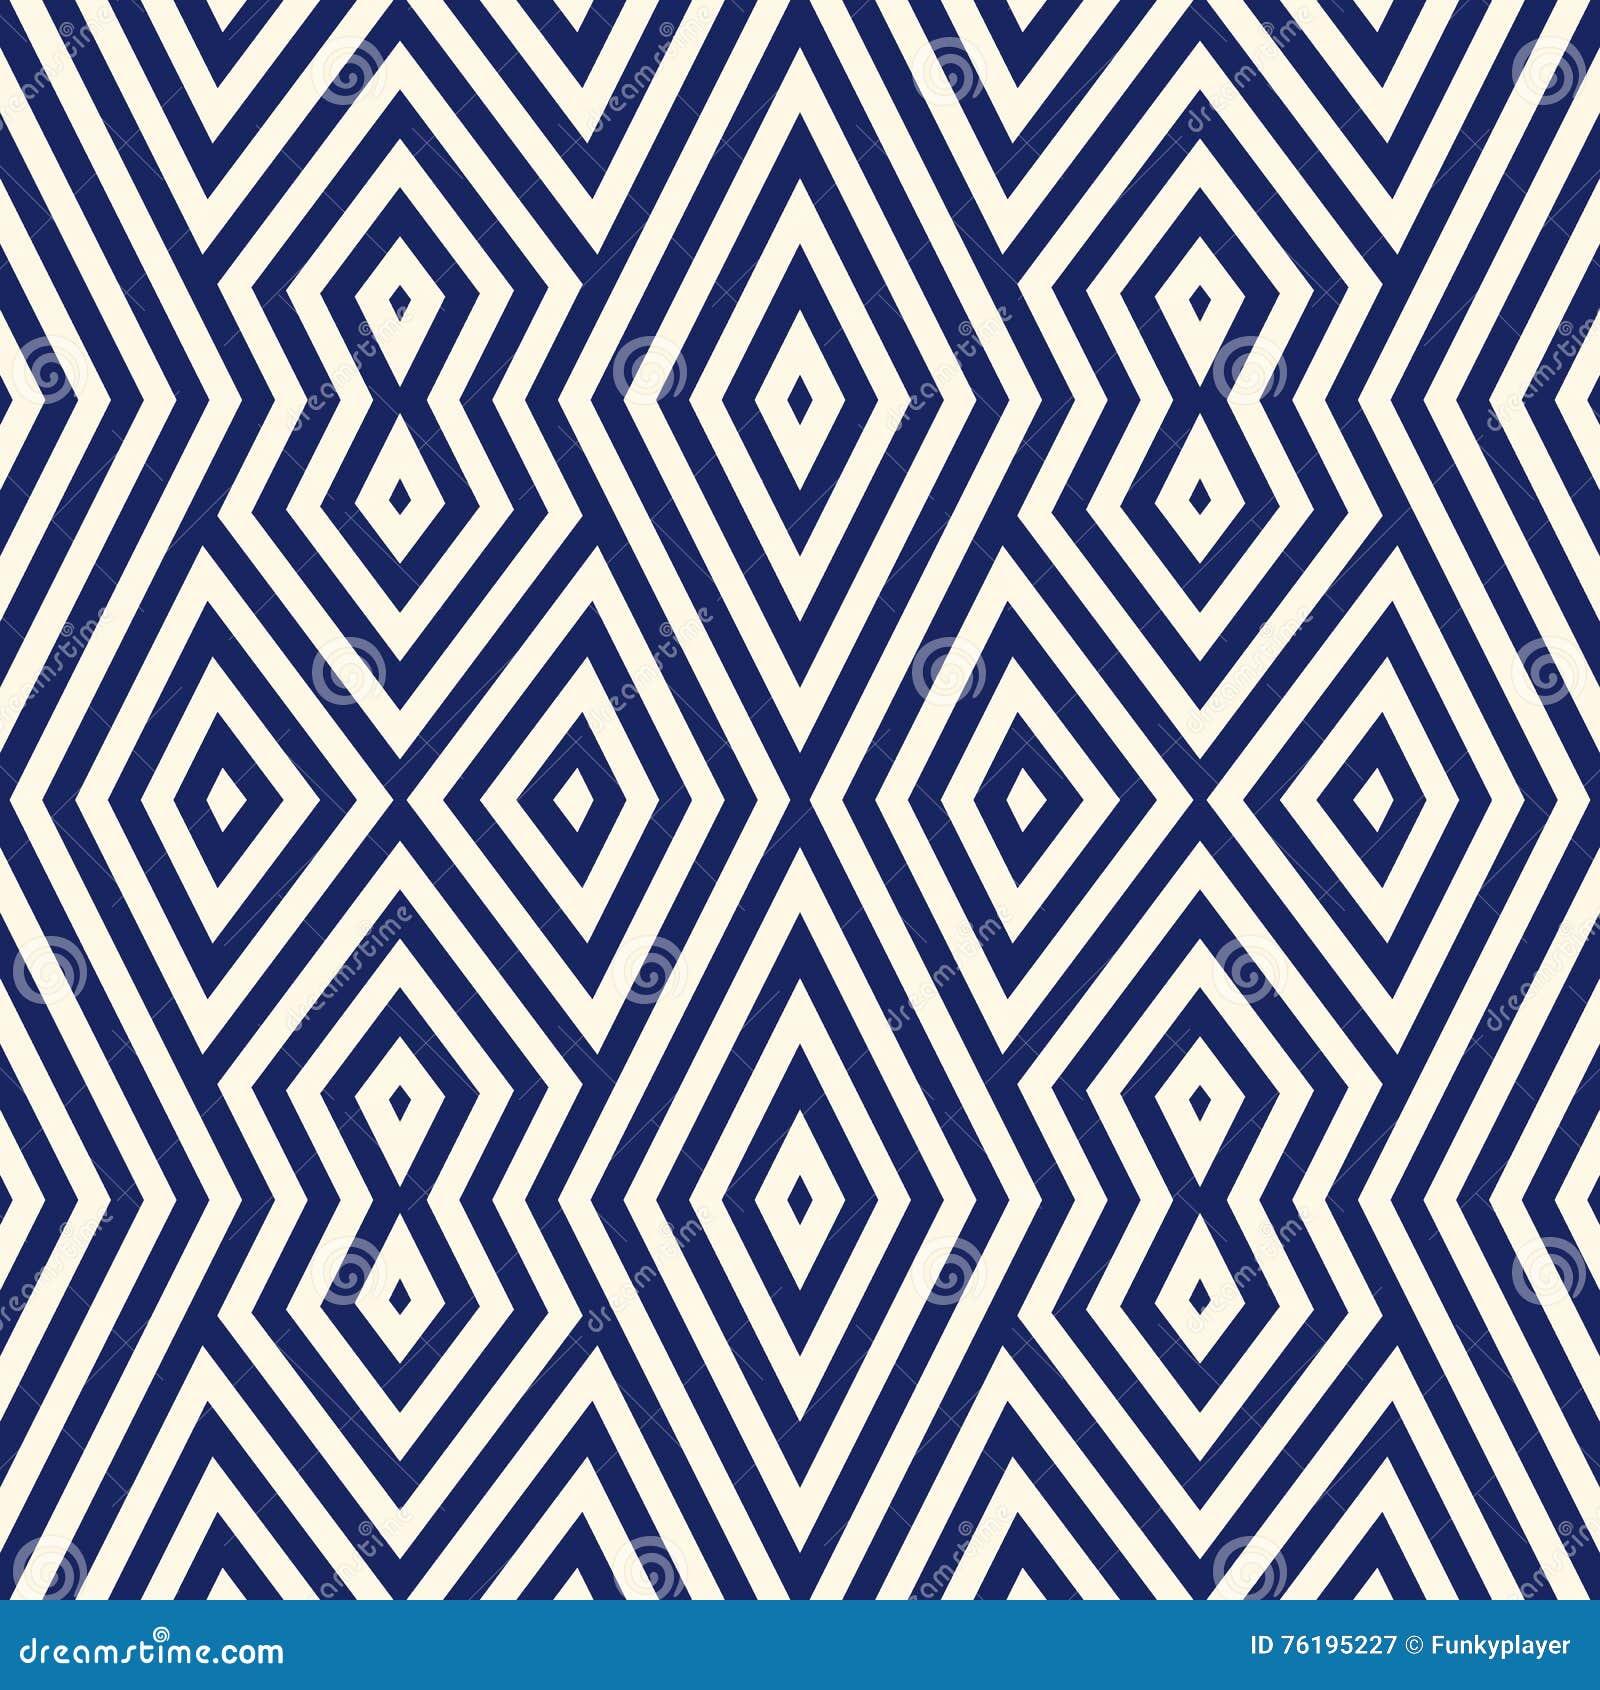 Modele Sans Couture Avec L Ornement Geometrique Symetrique Fond Raye